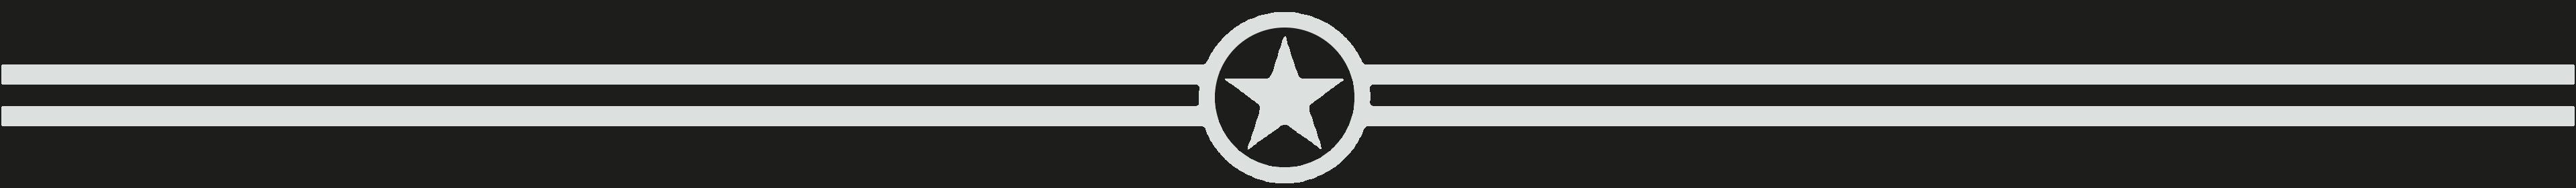 Tanks VR Official Website